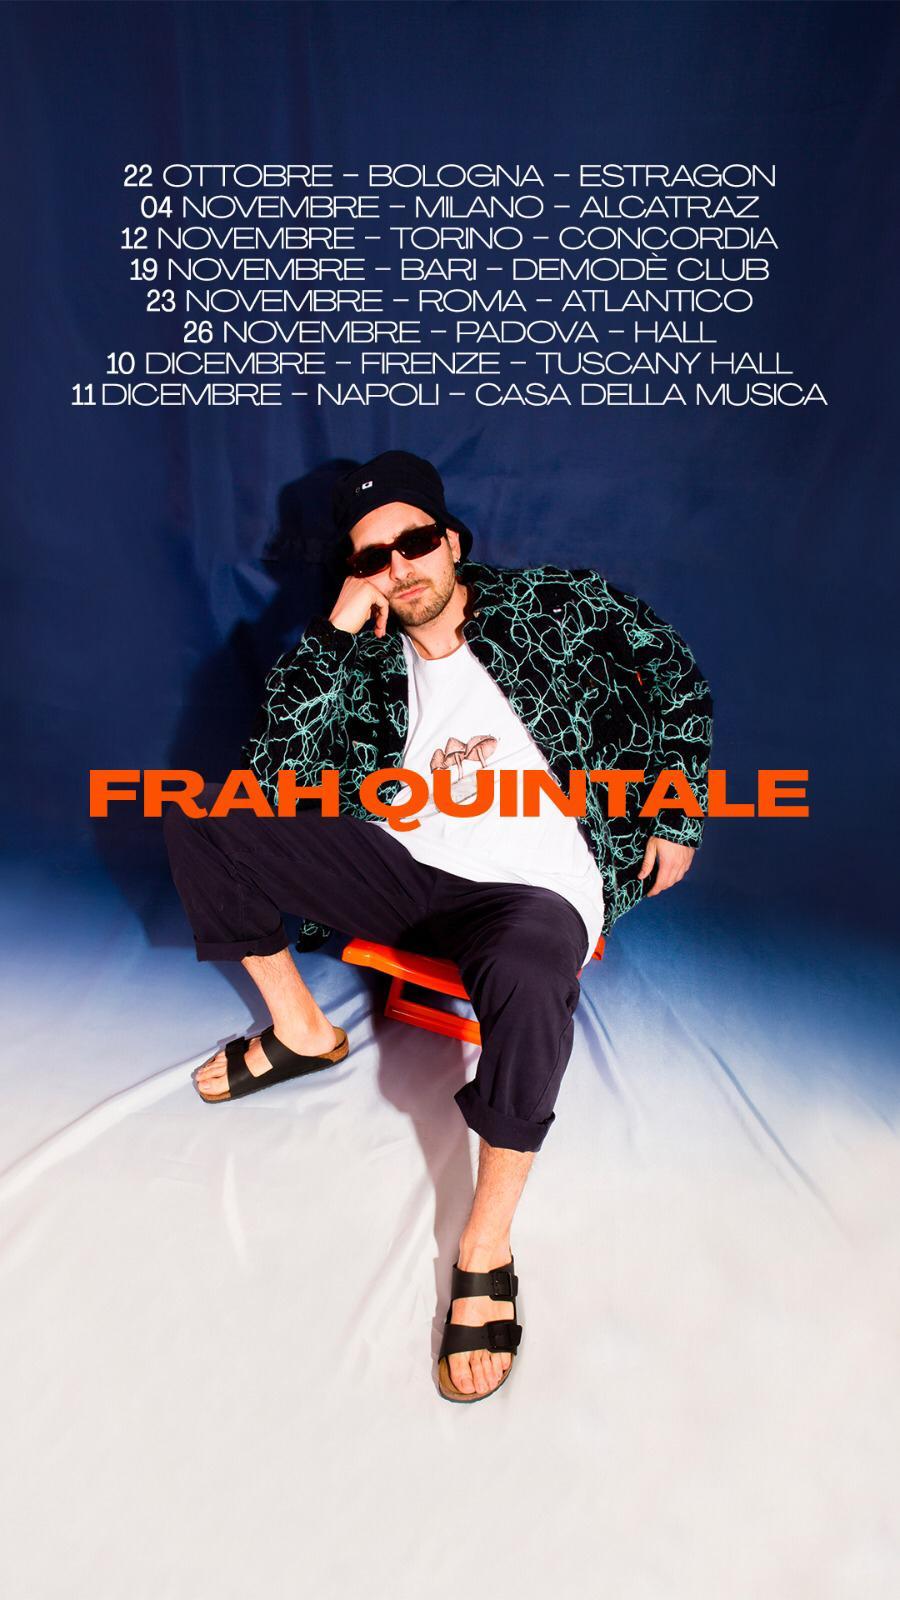 Frah Quintale - Banzai Tour Image